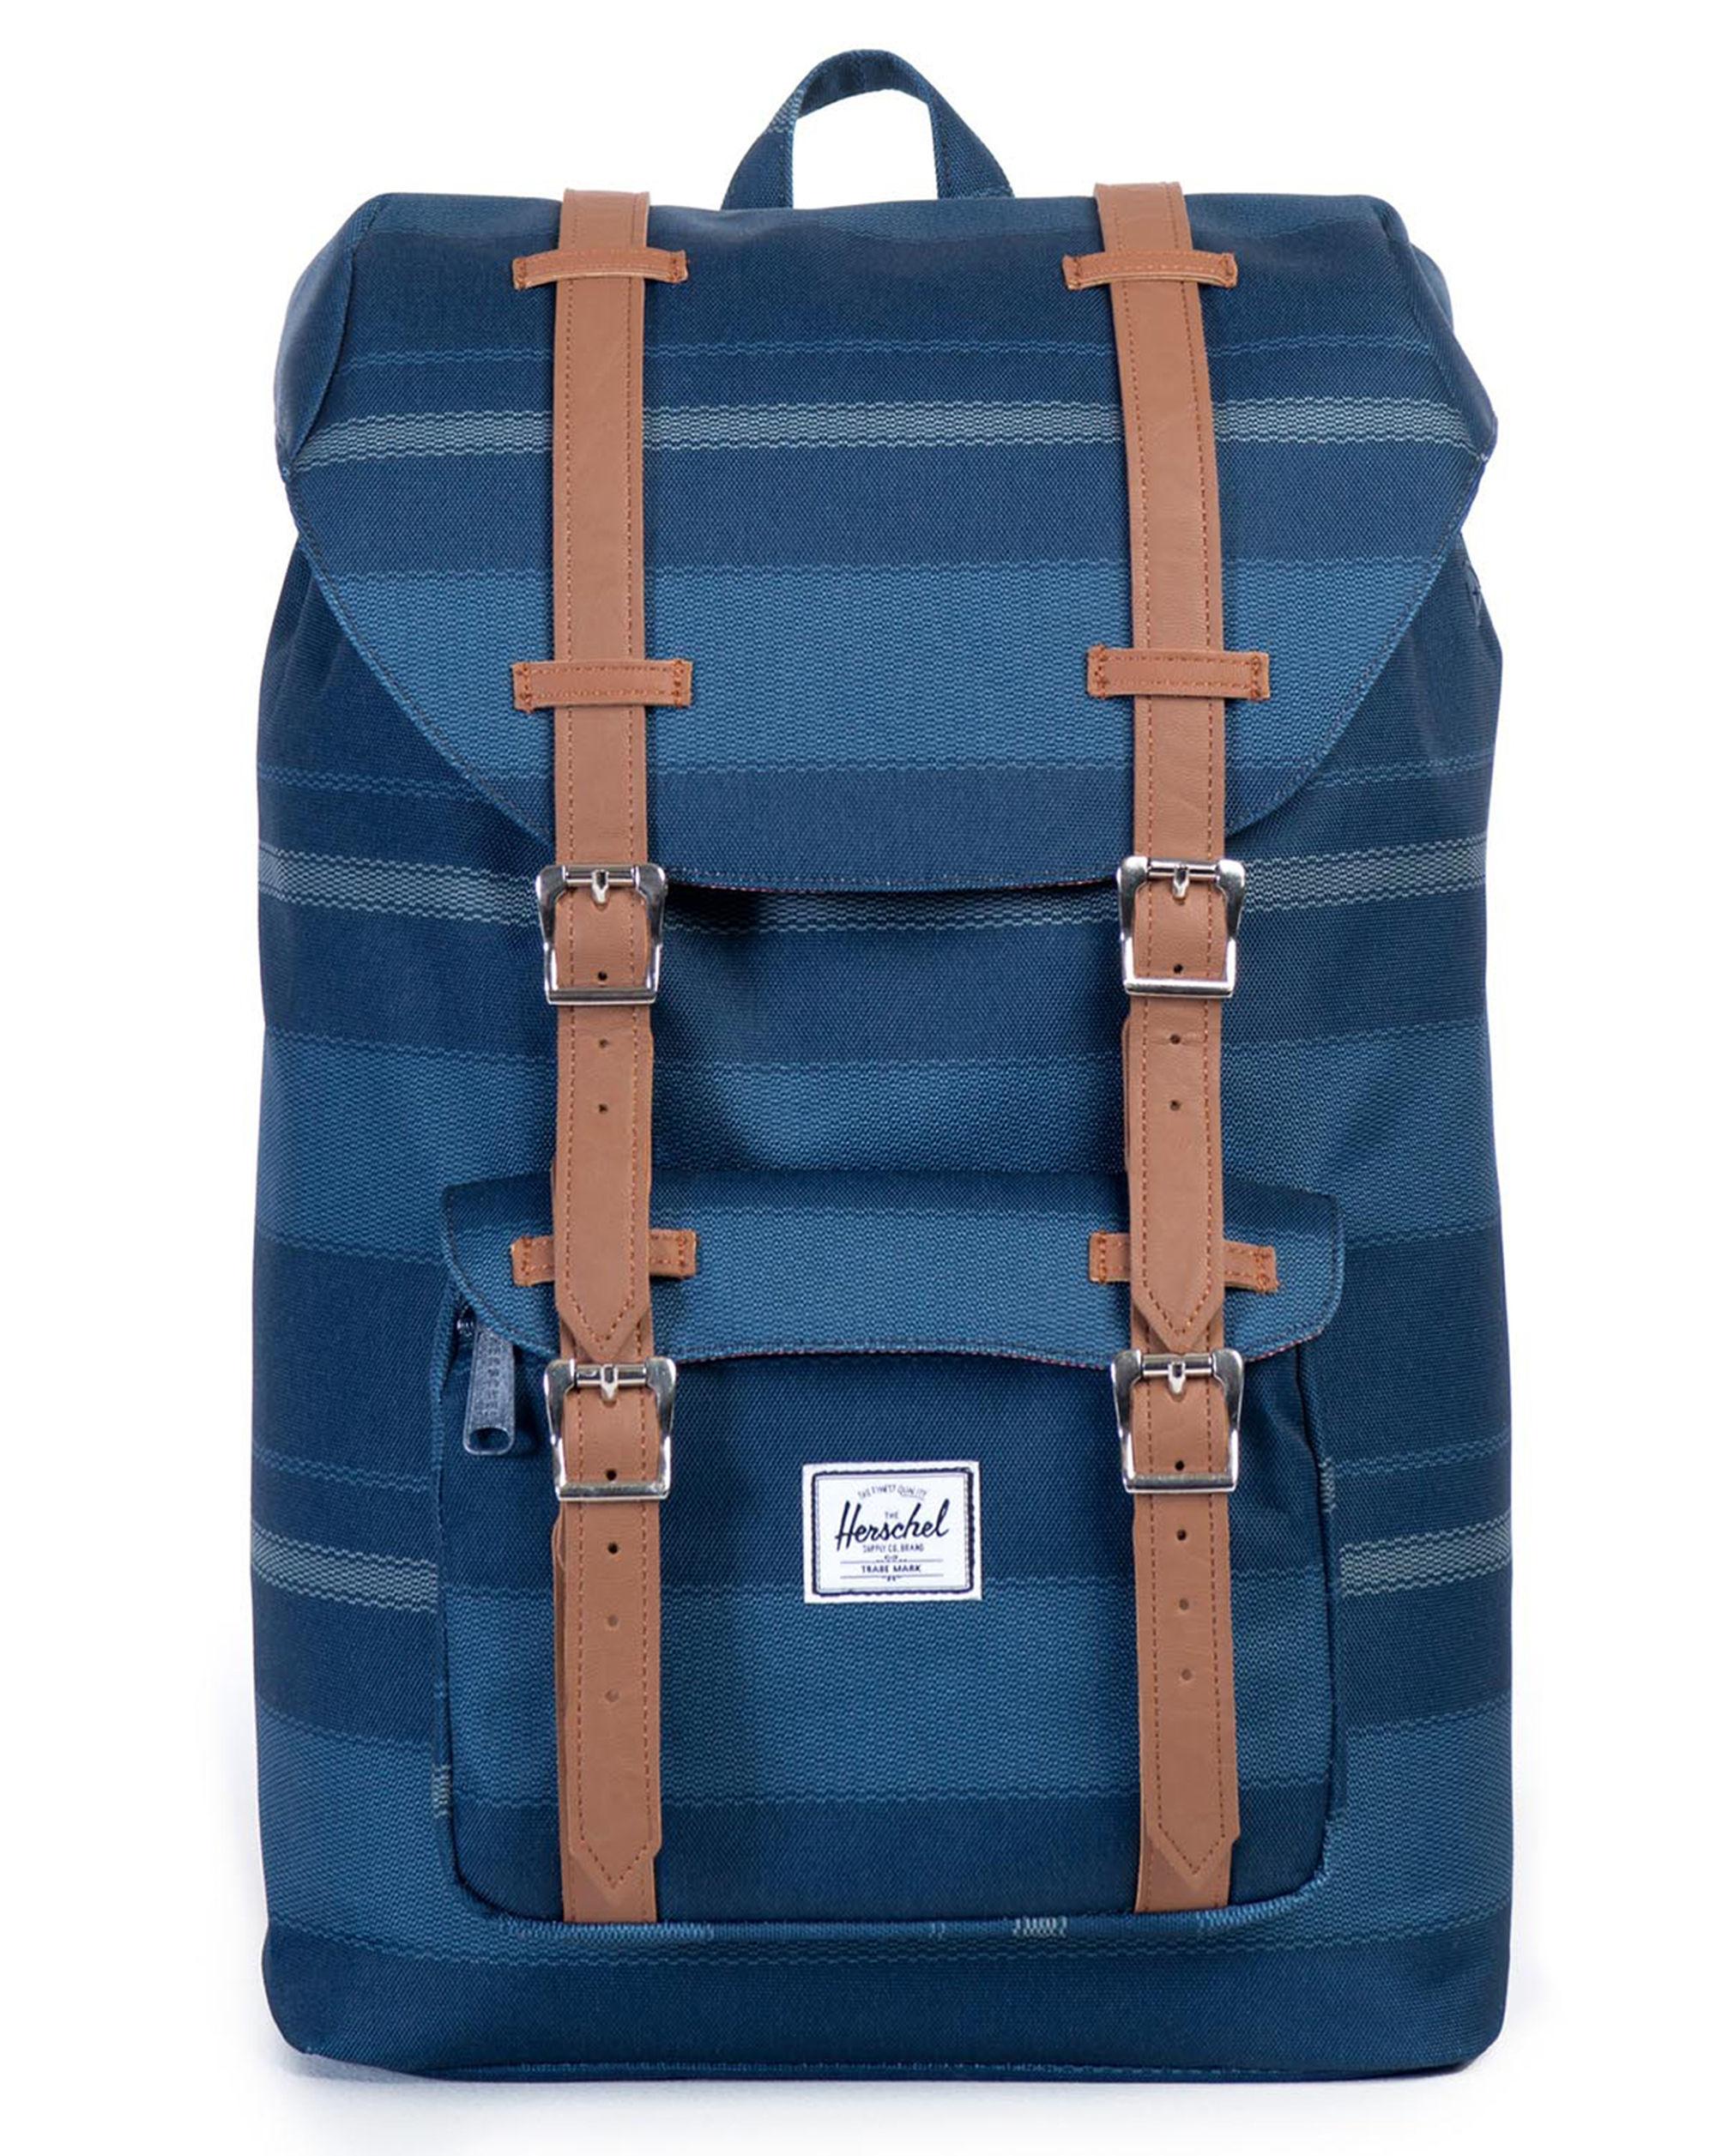 herschel supply co off white beige little america backpack mv 17 l in blue for men lyst. Black Bedroom Furniture Sets. Home Design Ideas